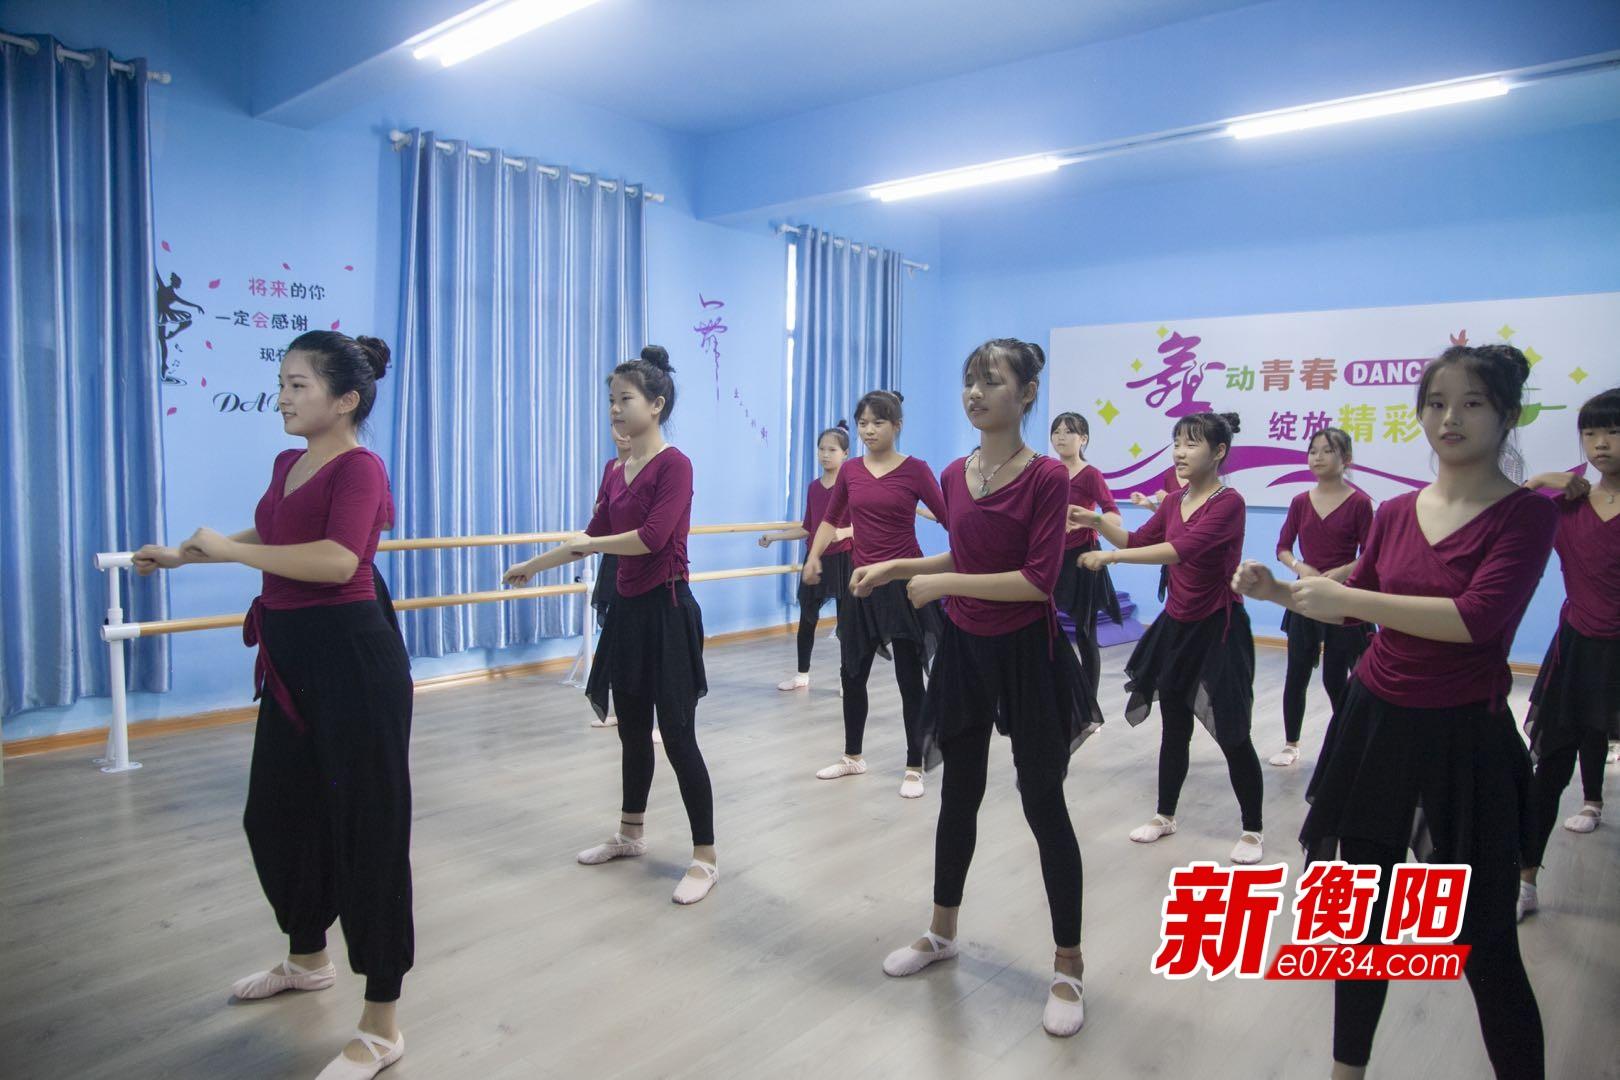 """山里的""""艺术世界"""" 衡阳县岣嵝乡的孩子有个""""爱心课堂"""""""